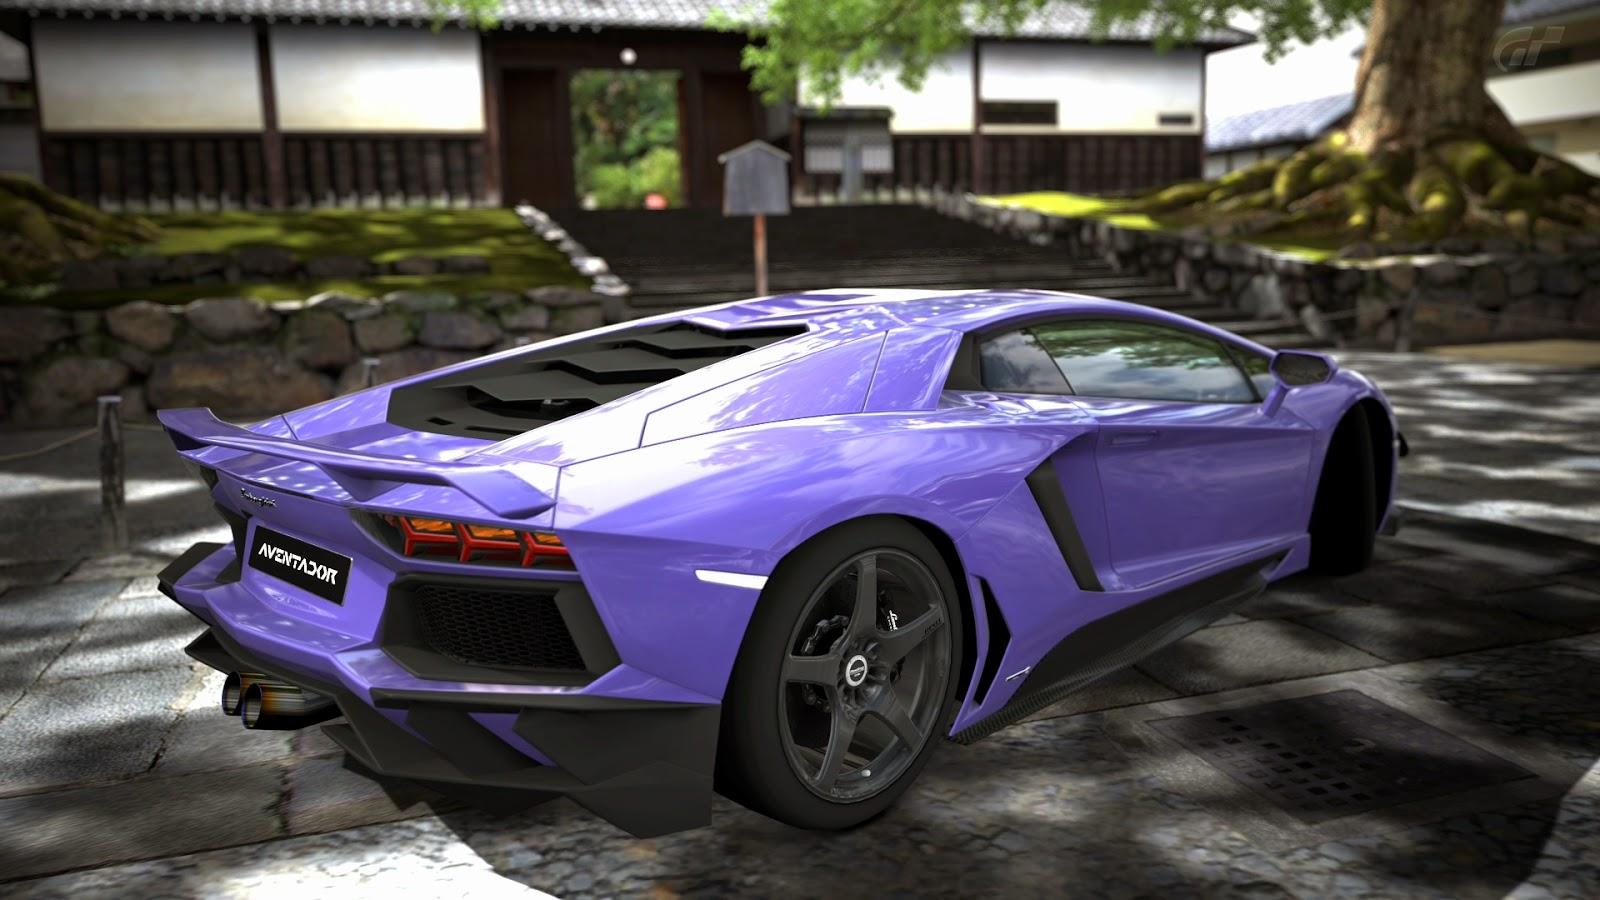 Girly Lamborghini,Aventador wallpaper,HD wallpaper,free download,car wallpaper